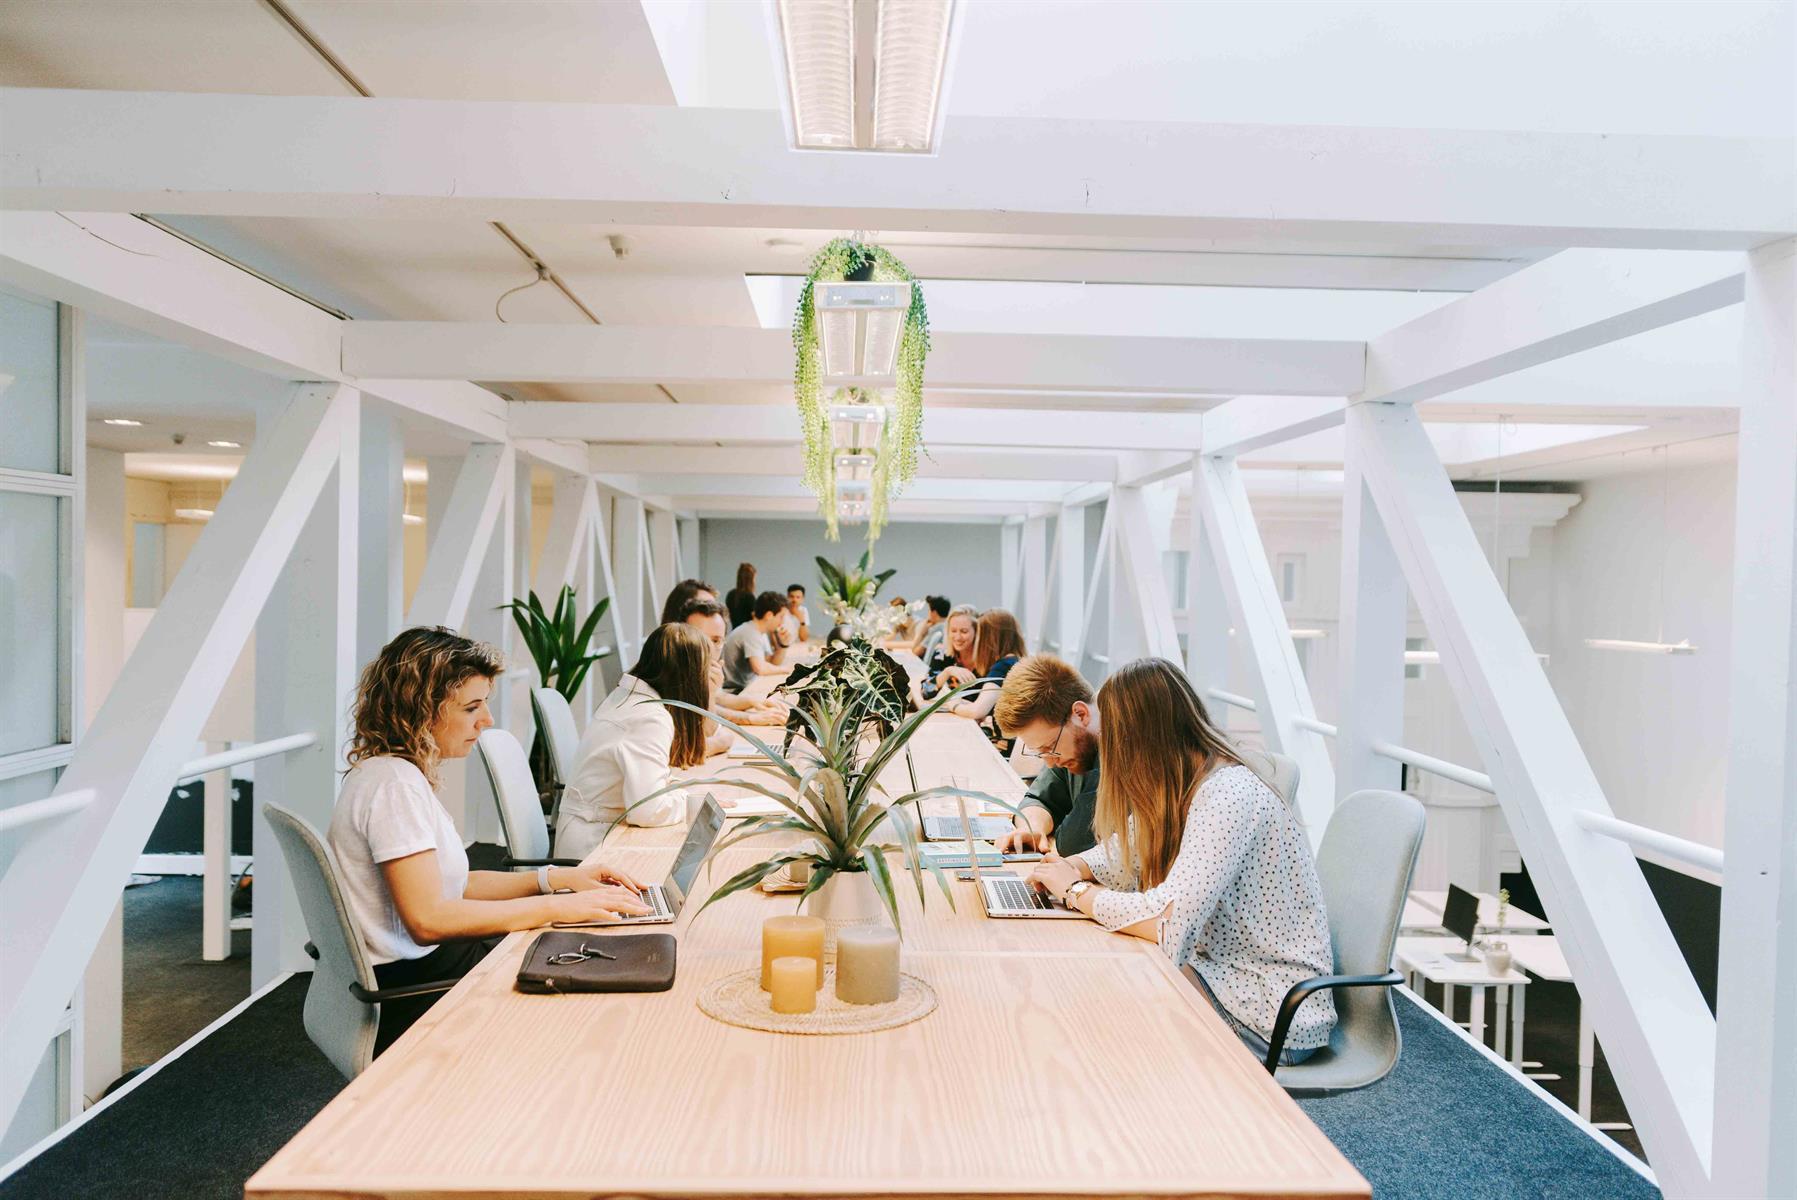 kantoor te huur 3-Dagen - IJzerenpoortkaai 3, 2000 Antwerpen, België 2